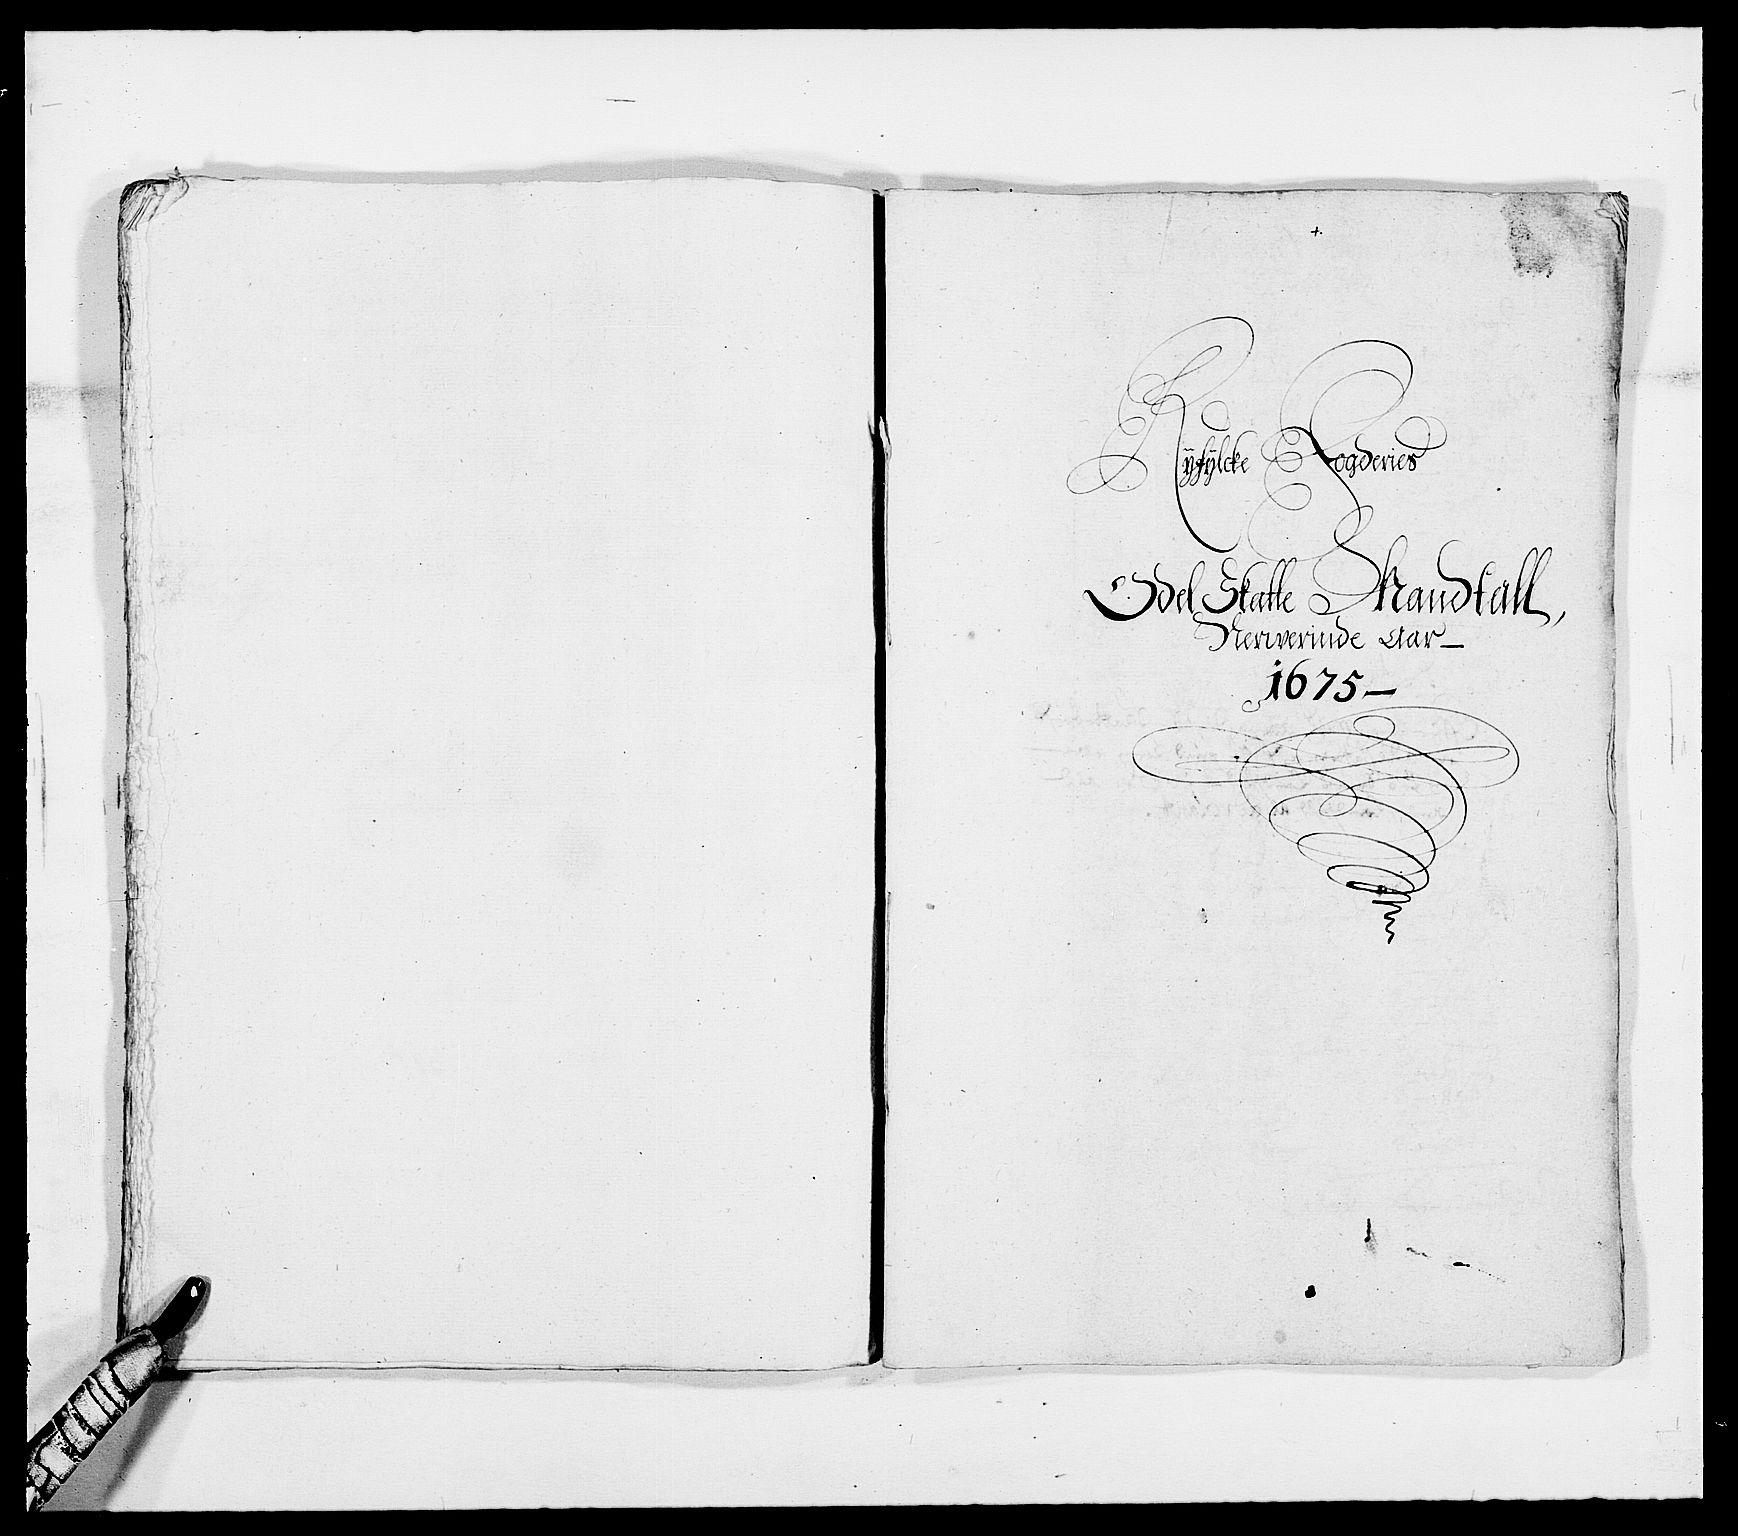 RA, Rentekammeret inntil 1814, Reviderte regnskaper, Fogderegnskap, R47/L2845: Fogderegnskap Ryfylke, 1674-1675, s. 298